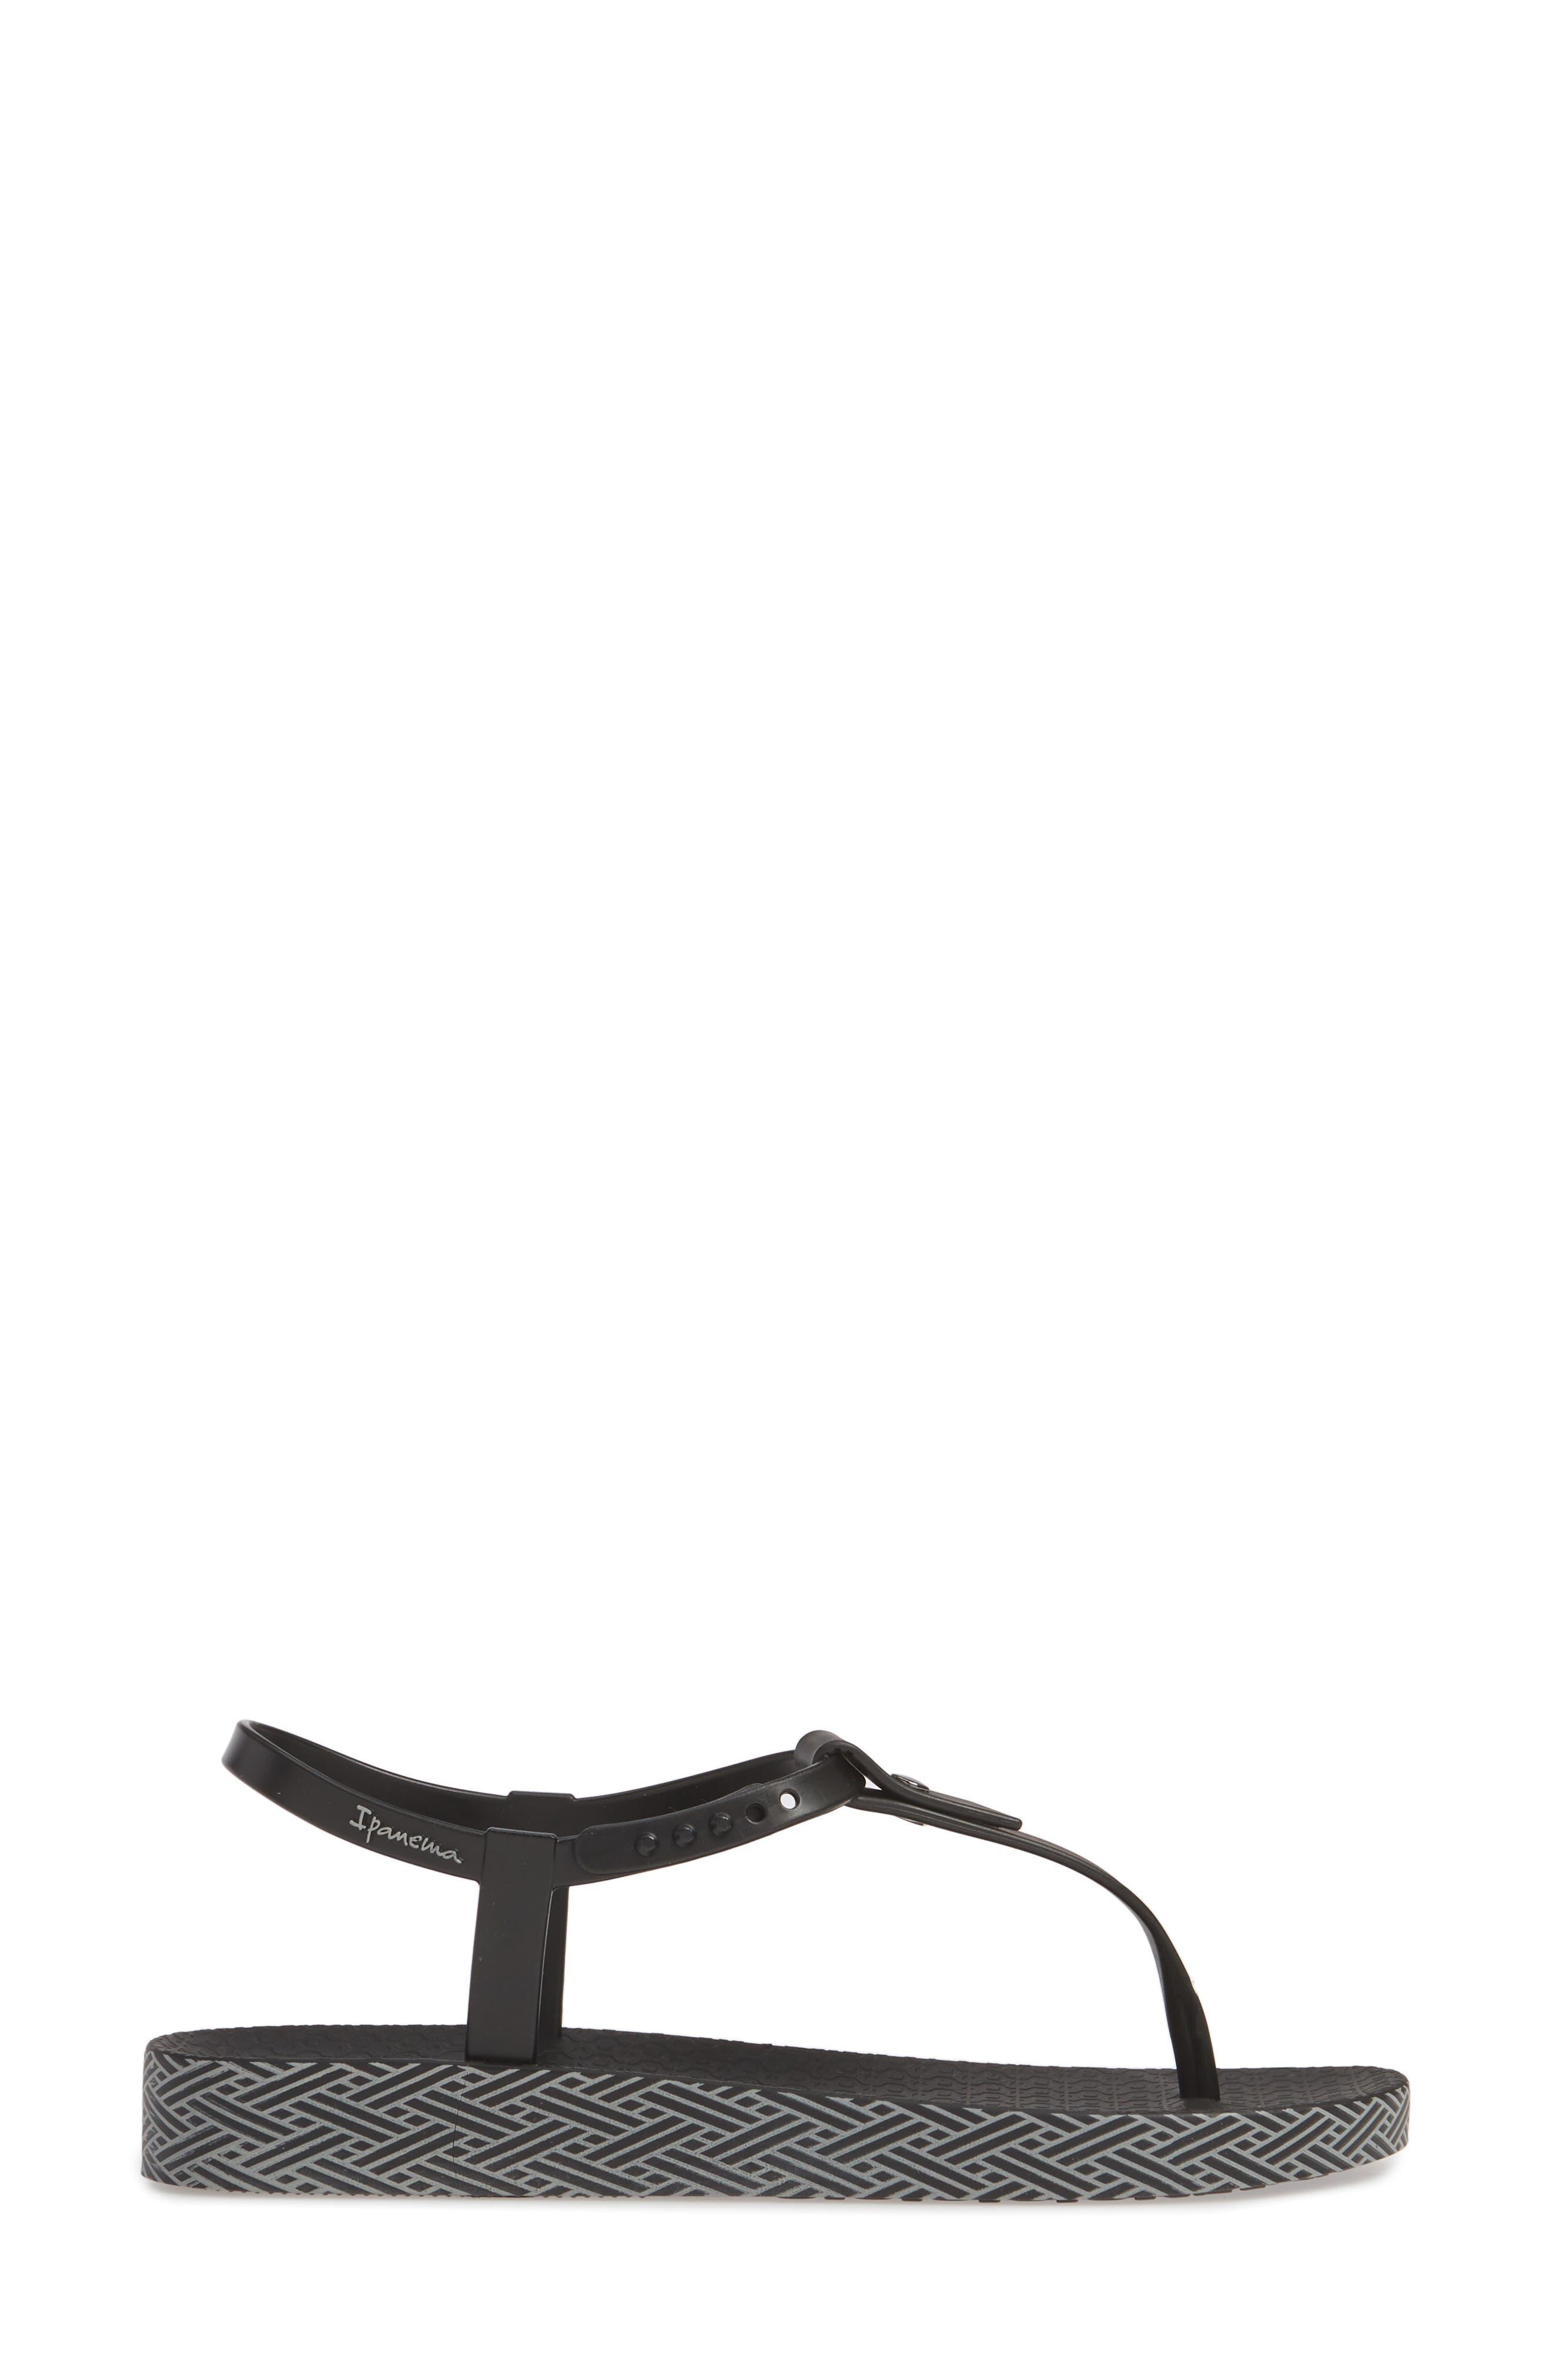 IPANEMA,                             Plush Weave T-Strap Sandal,                             Alternate thumbnail 3, color,                             001